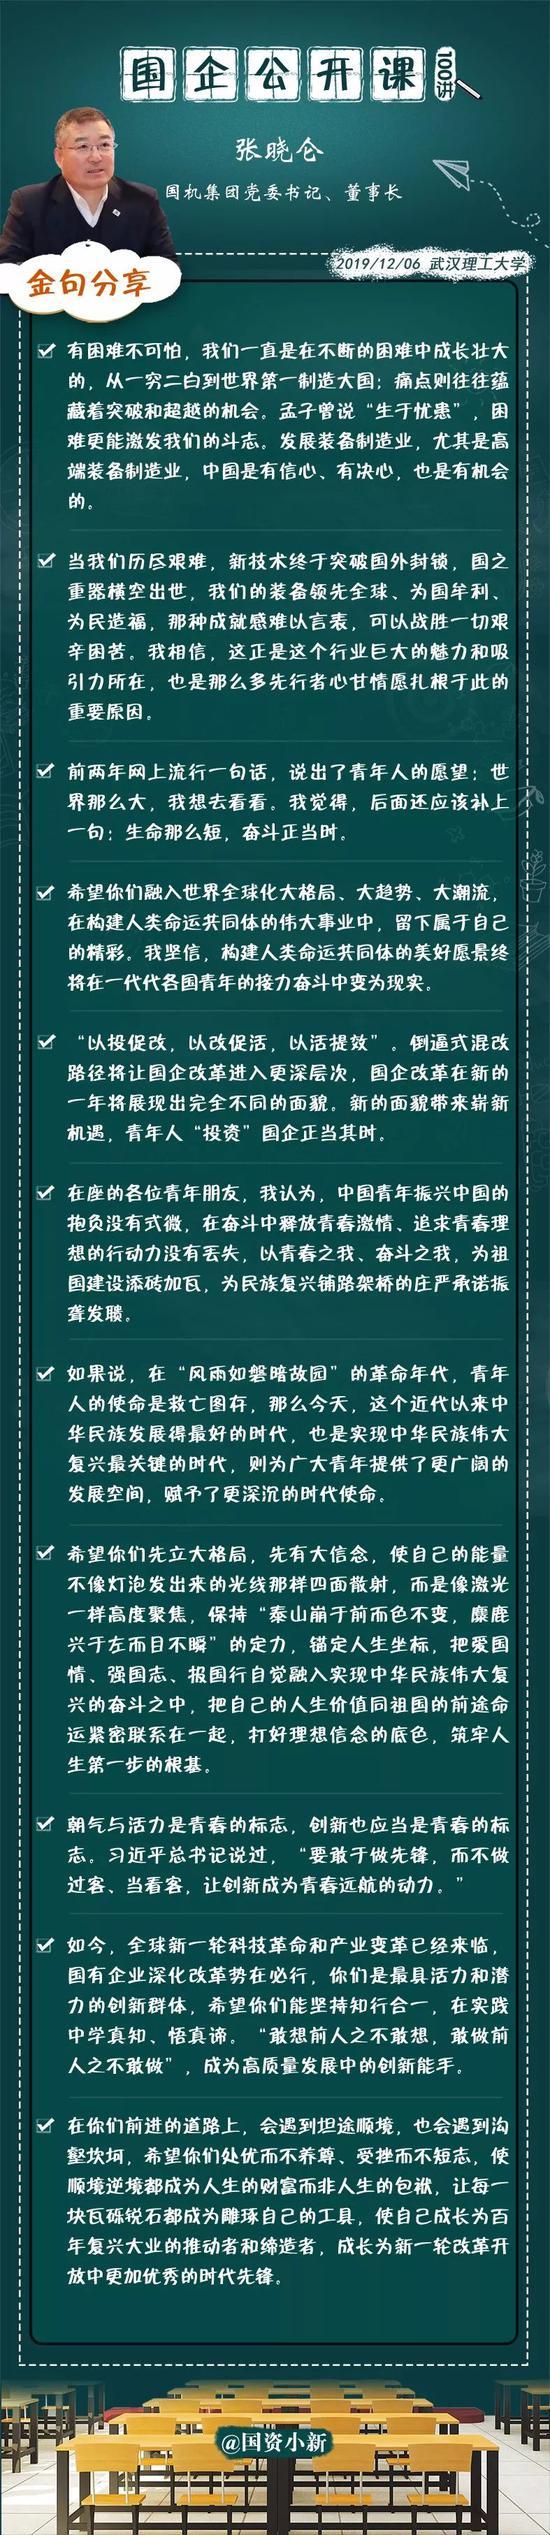 西方媒体称香港暴徒是丑陋的开端央视发文评论